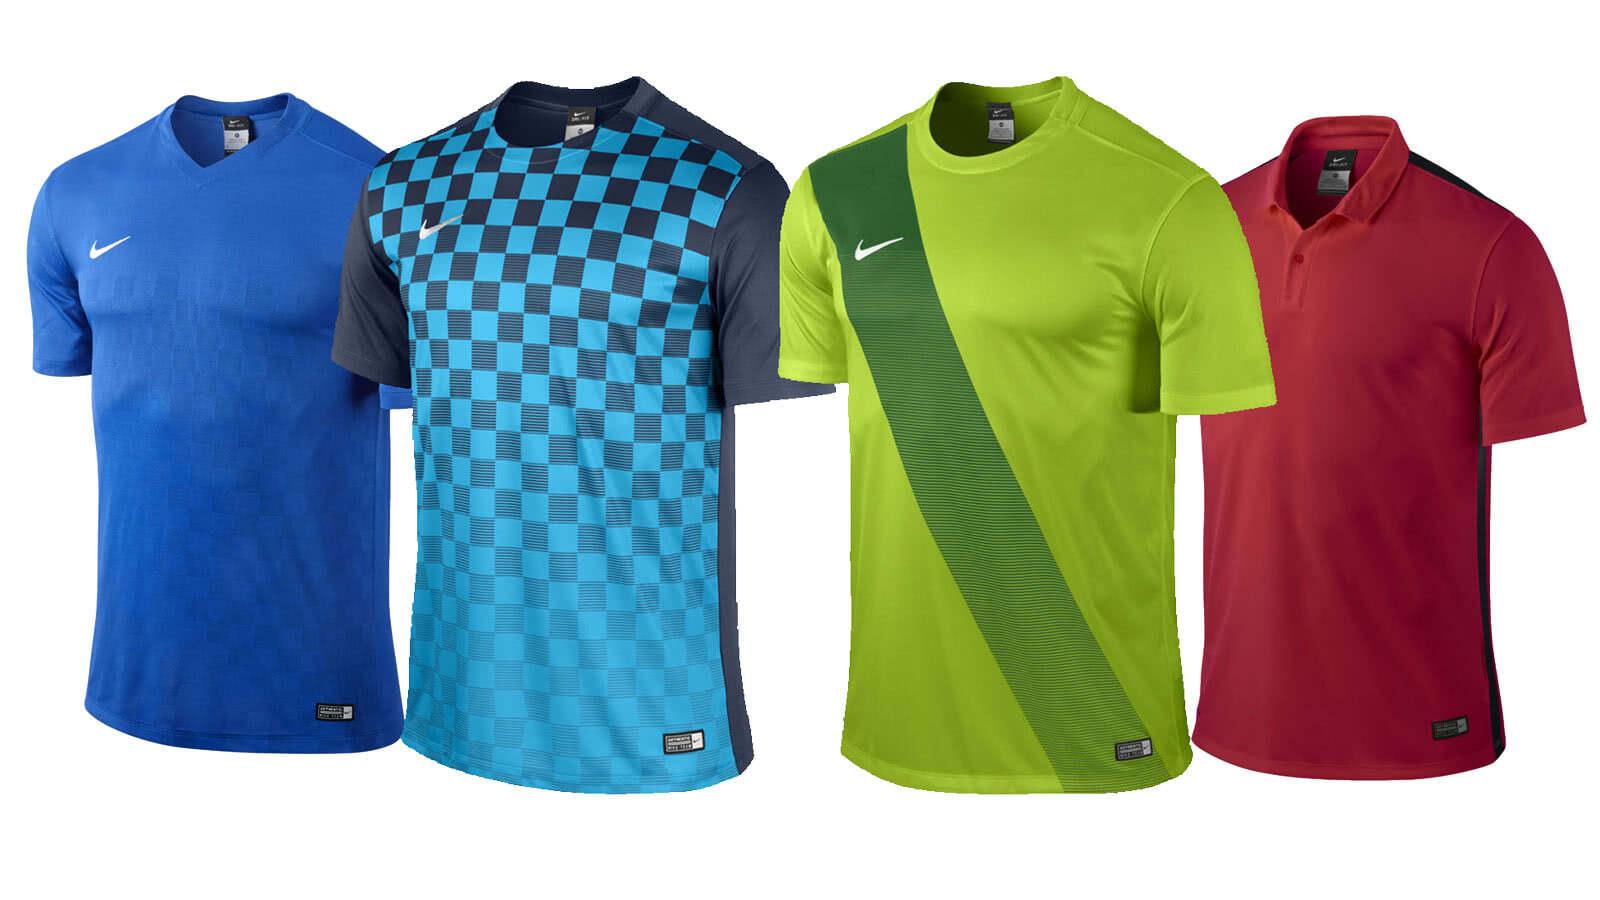 Nike Trikots f�r Trikots�tze